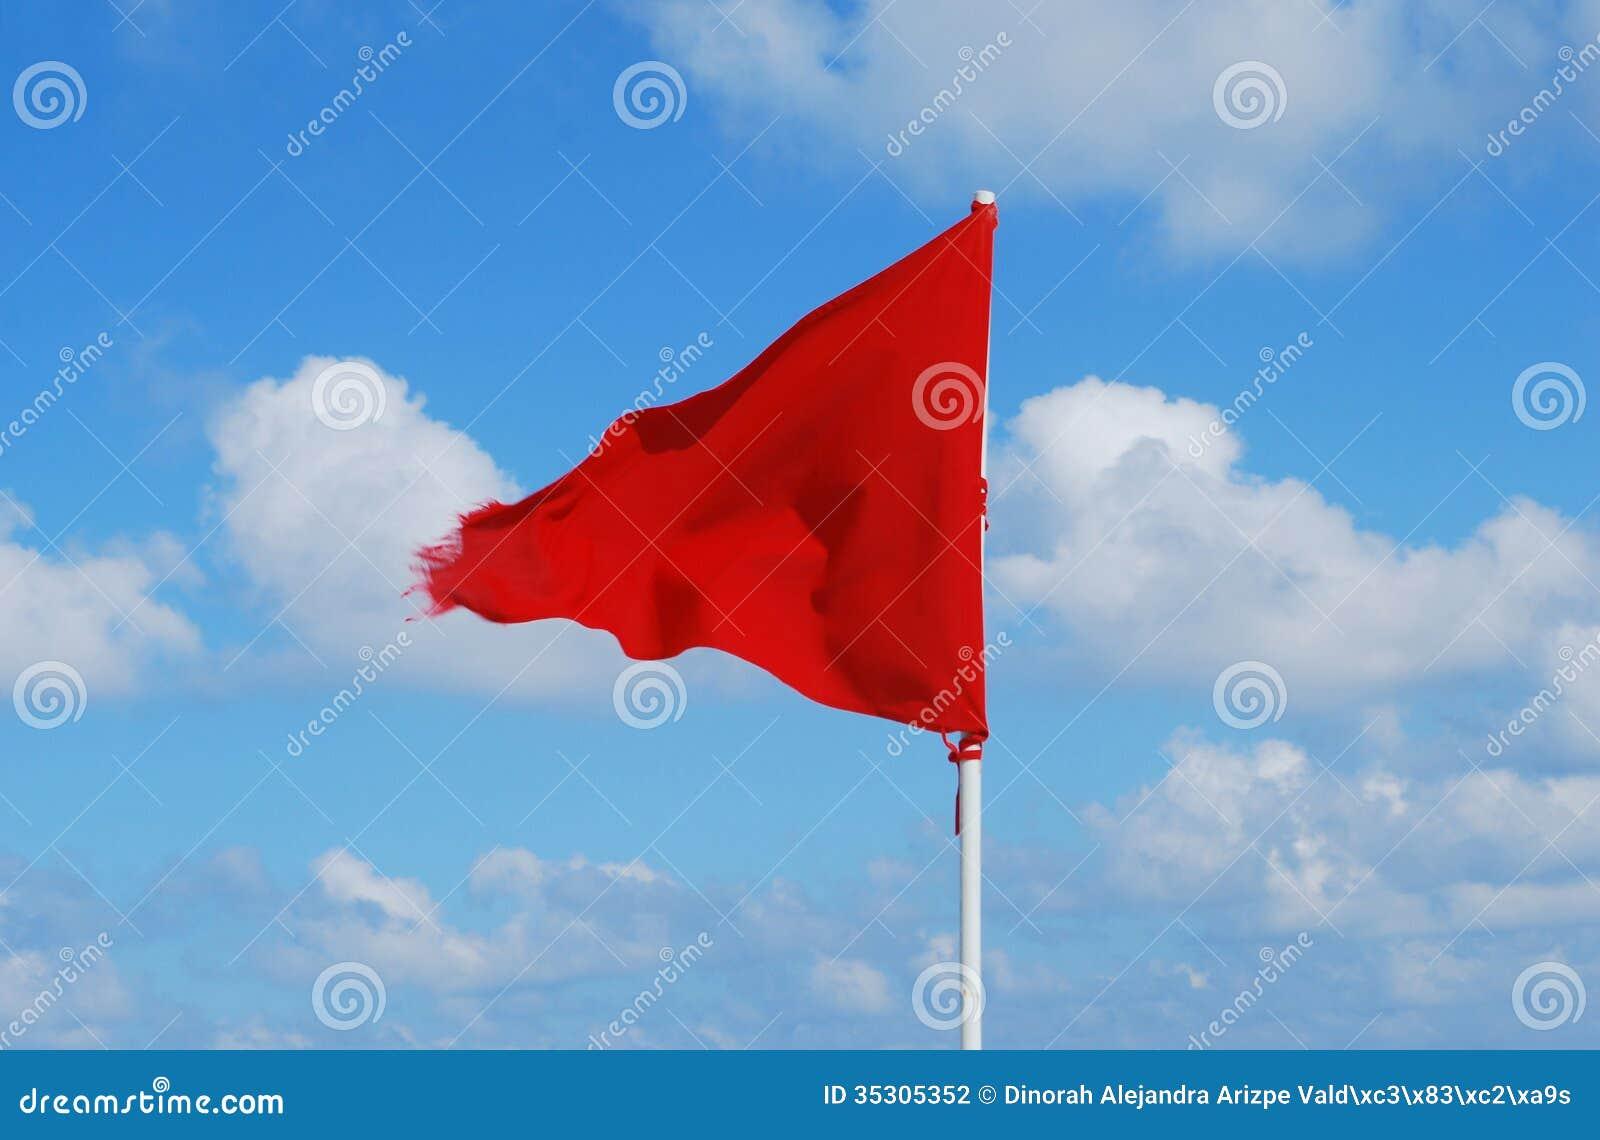 Red flag beach